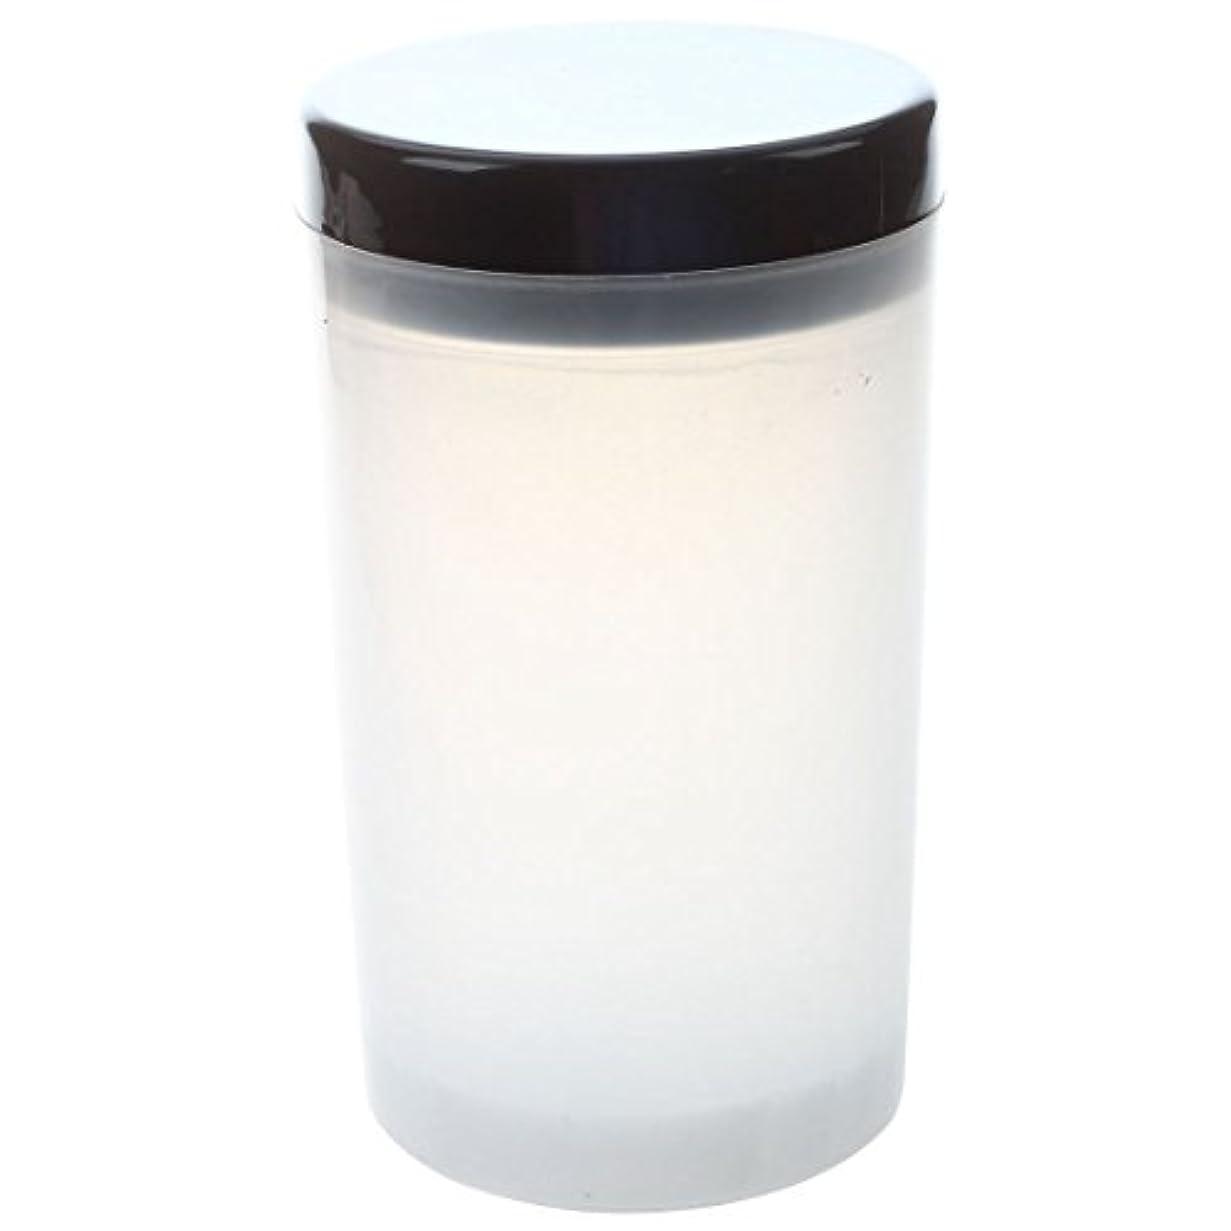 化学者破壊的計器ACAMPTAR ネイルアートチップブラシホルダー リムーバーカップカップ浸漬ブラシ クリーナーボトル